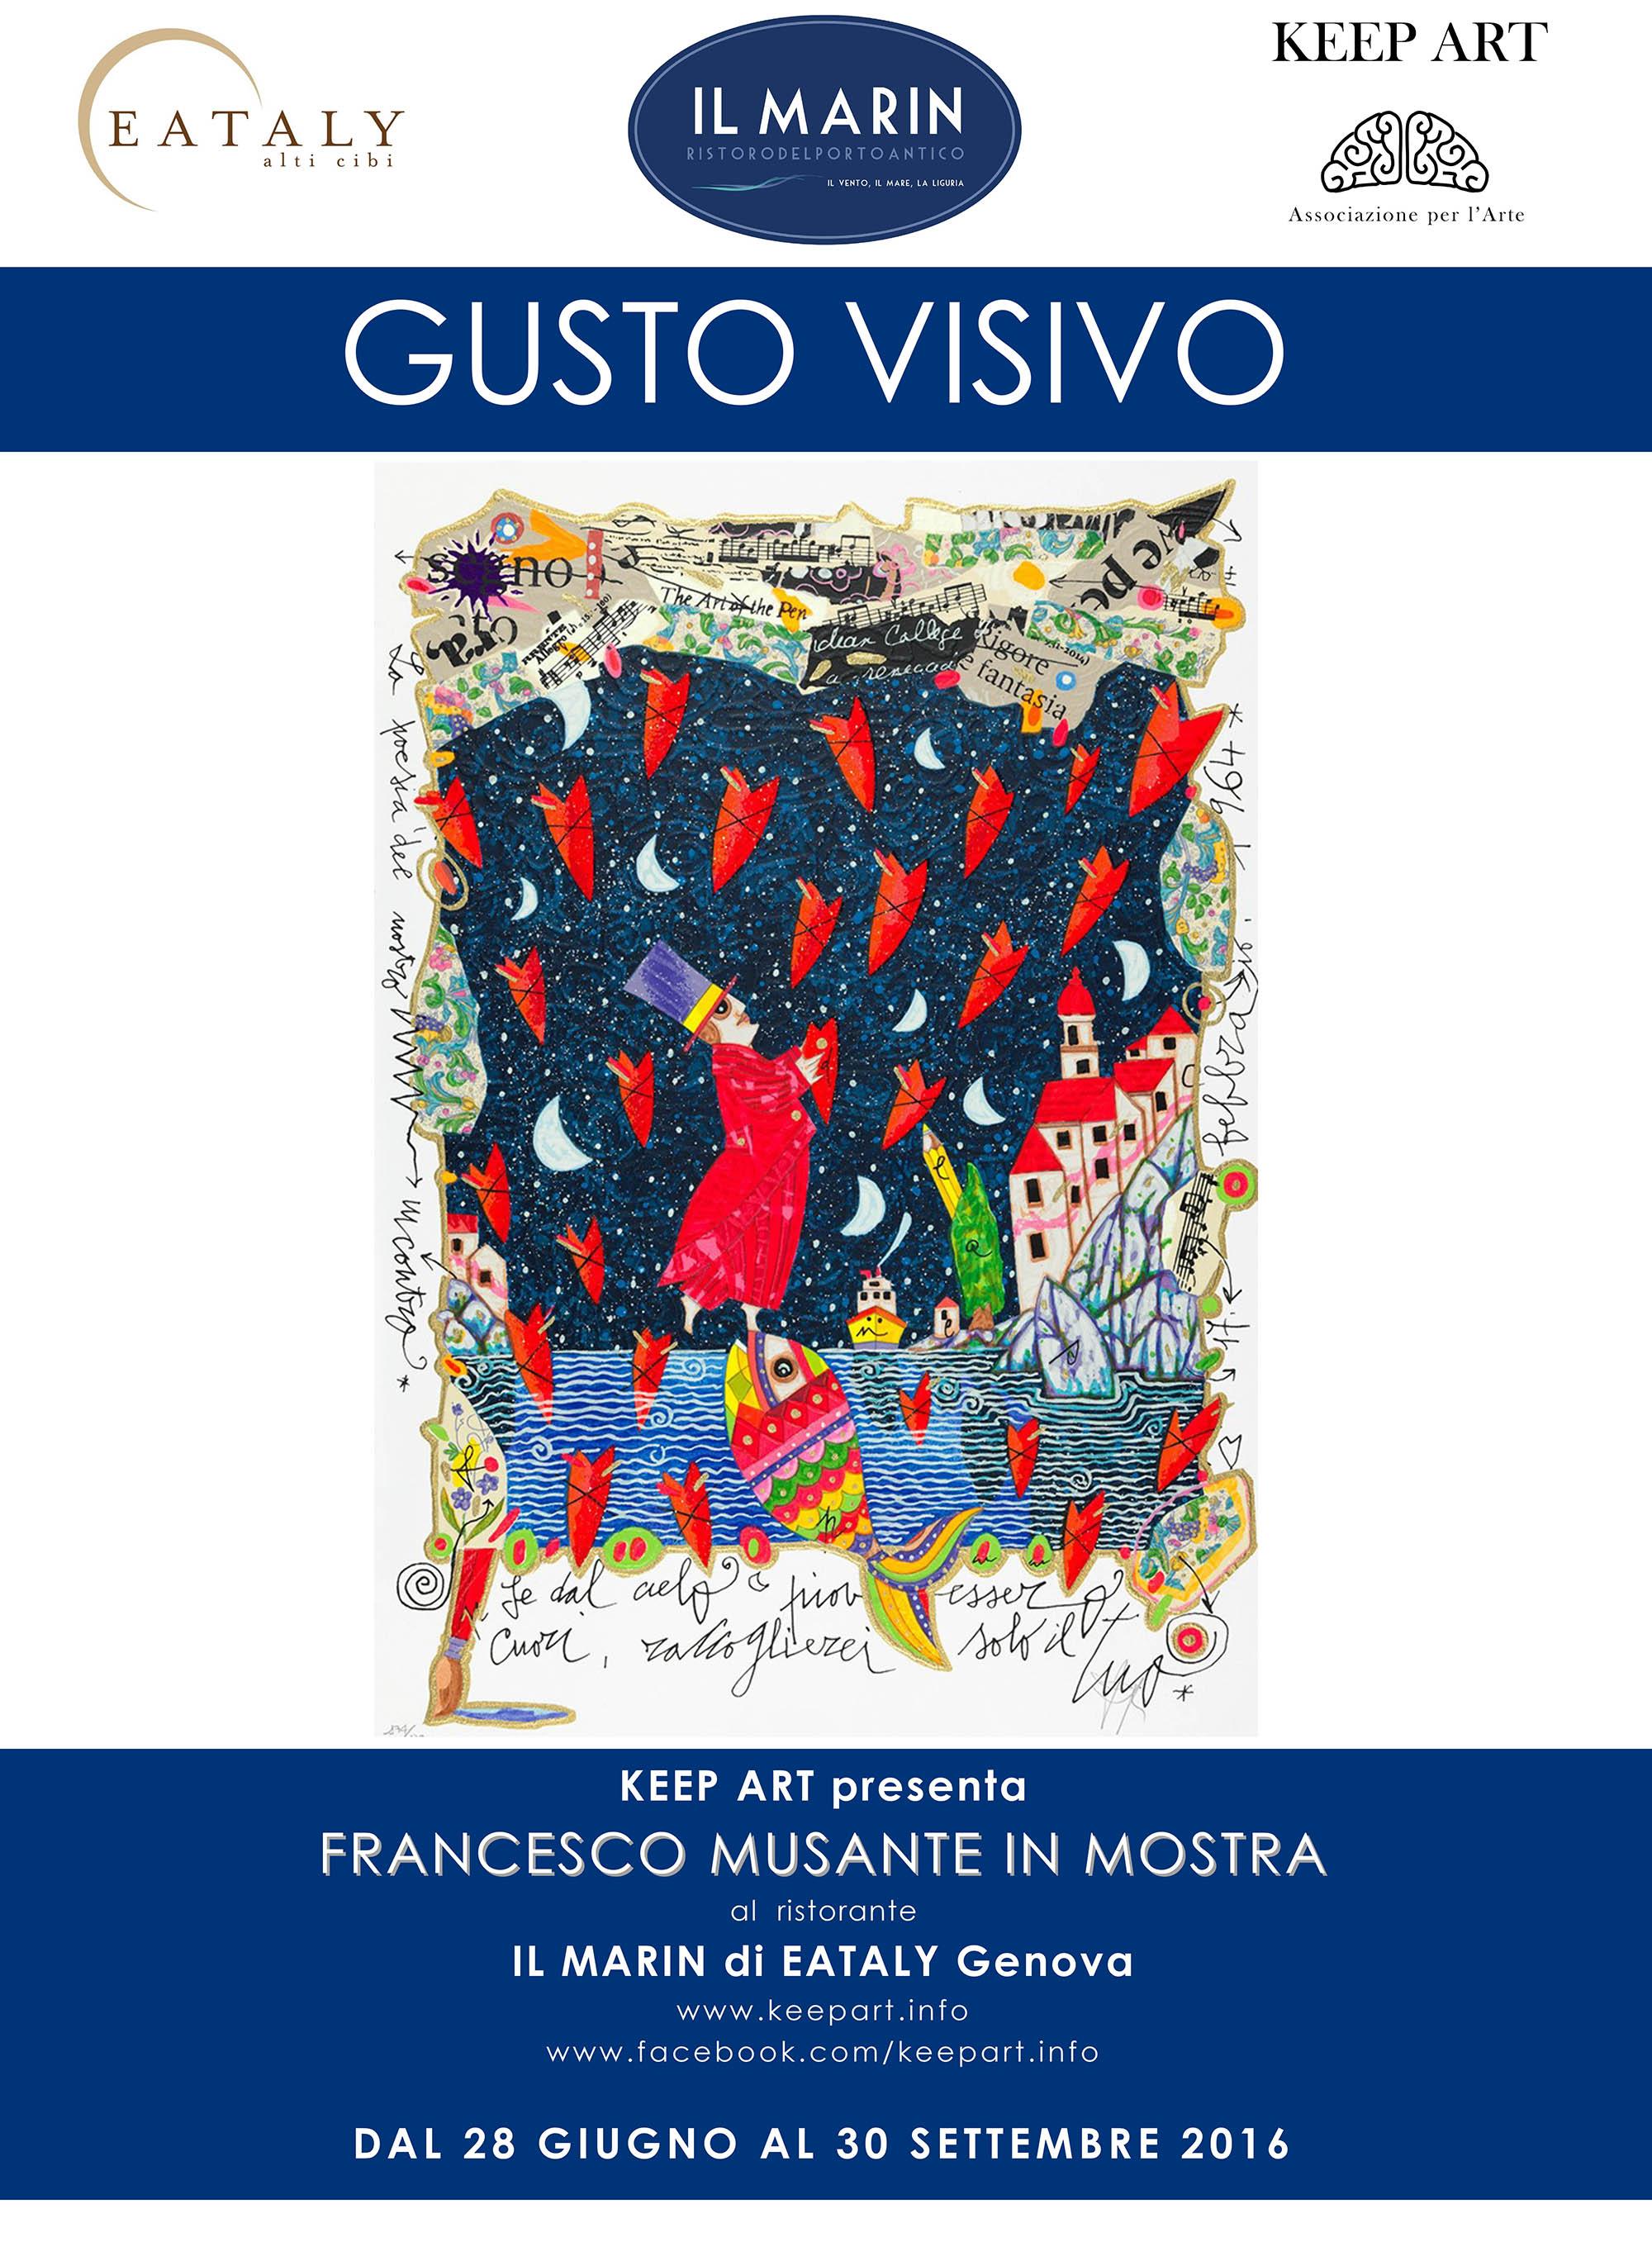 Francesco Musante mostra ristorante Il Marin Eataly  Genova